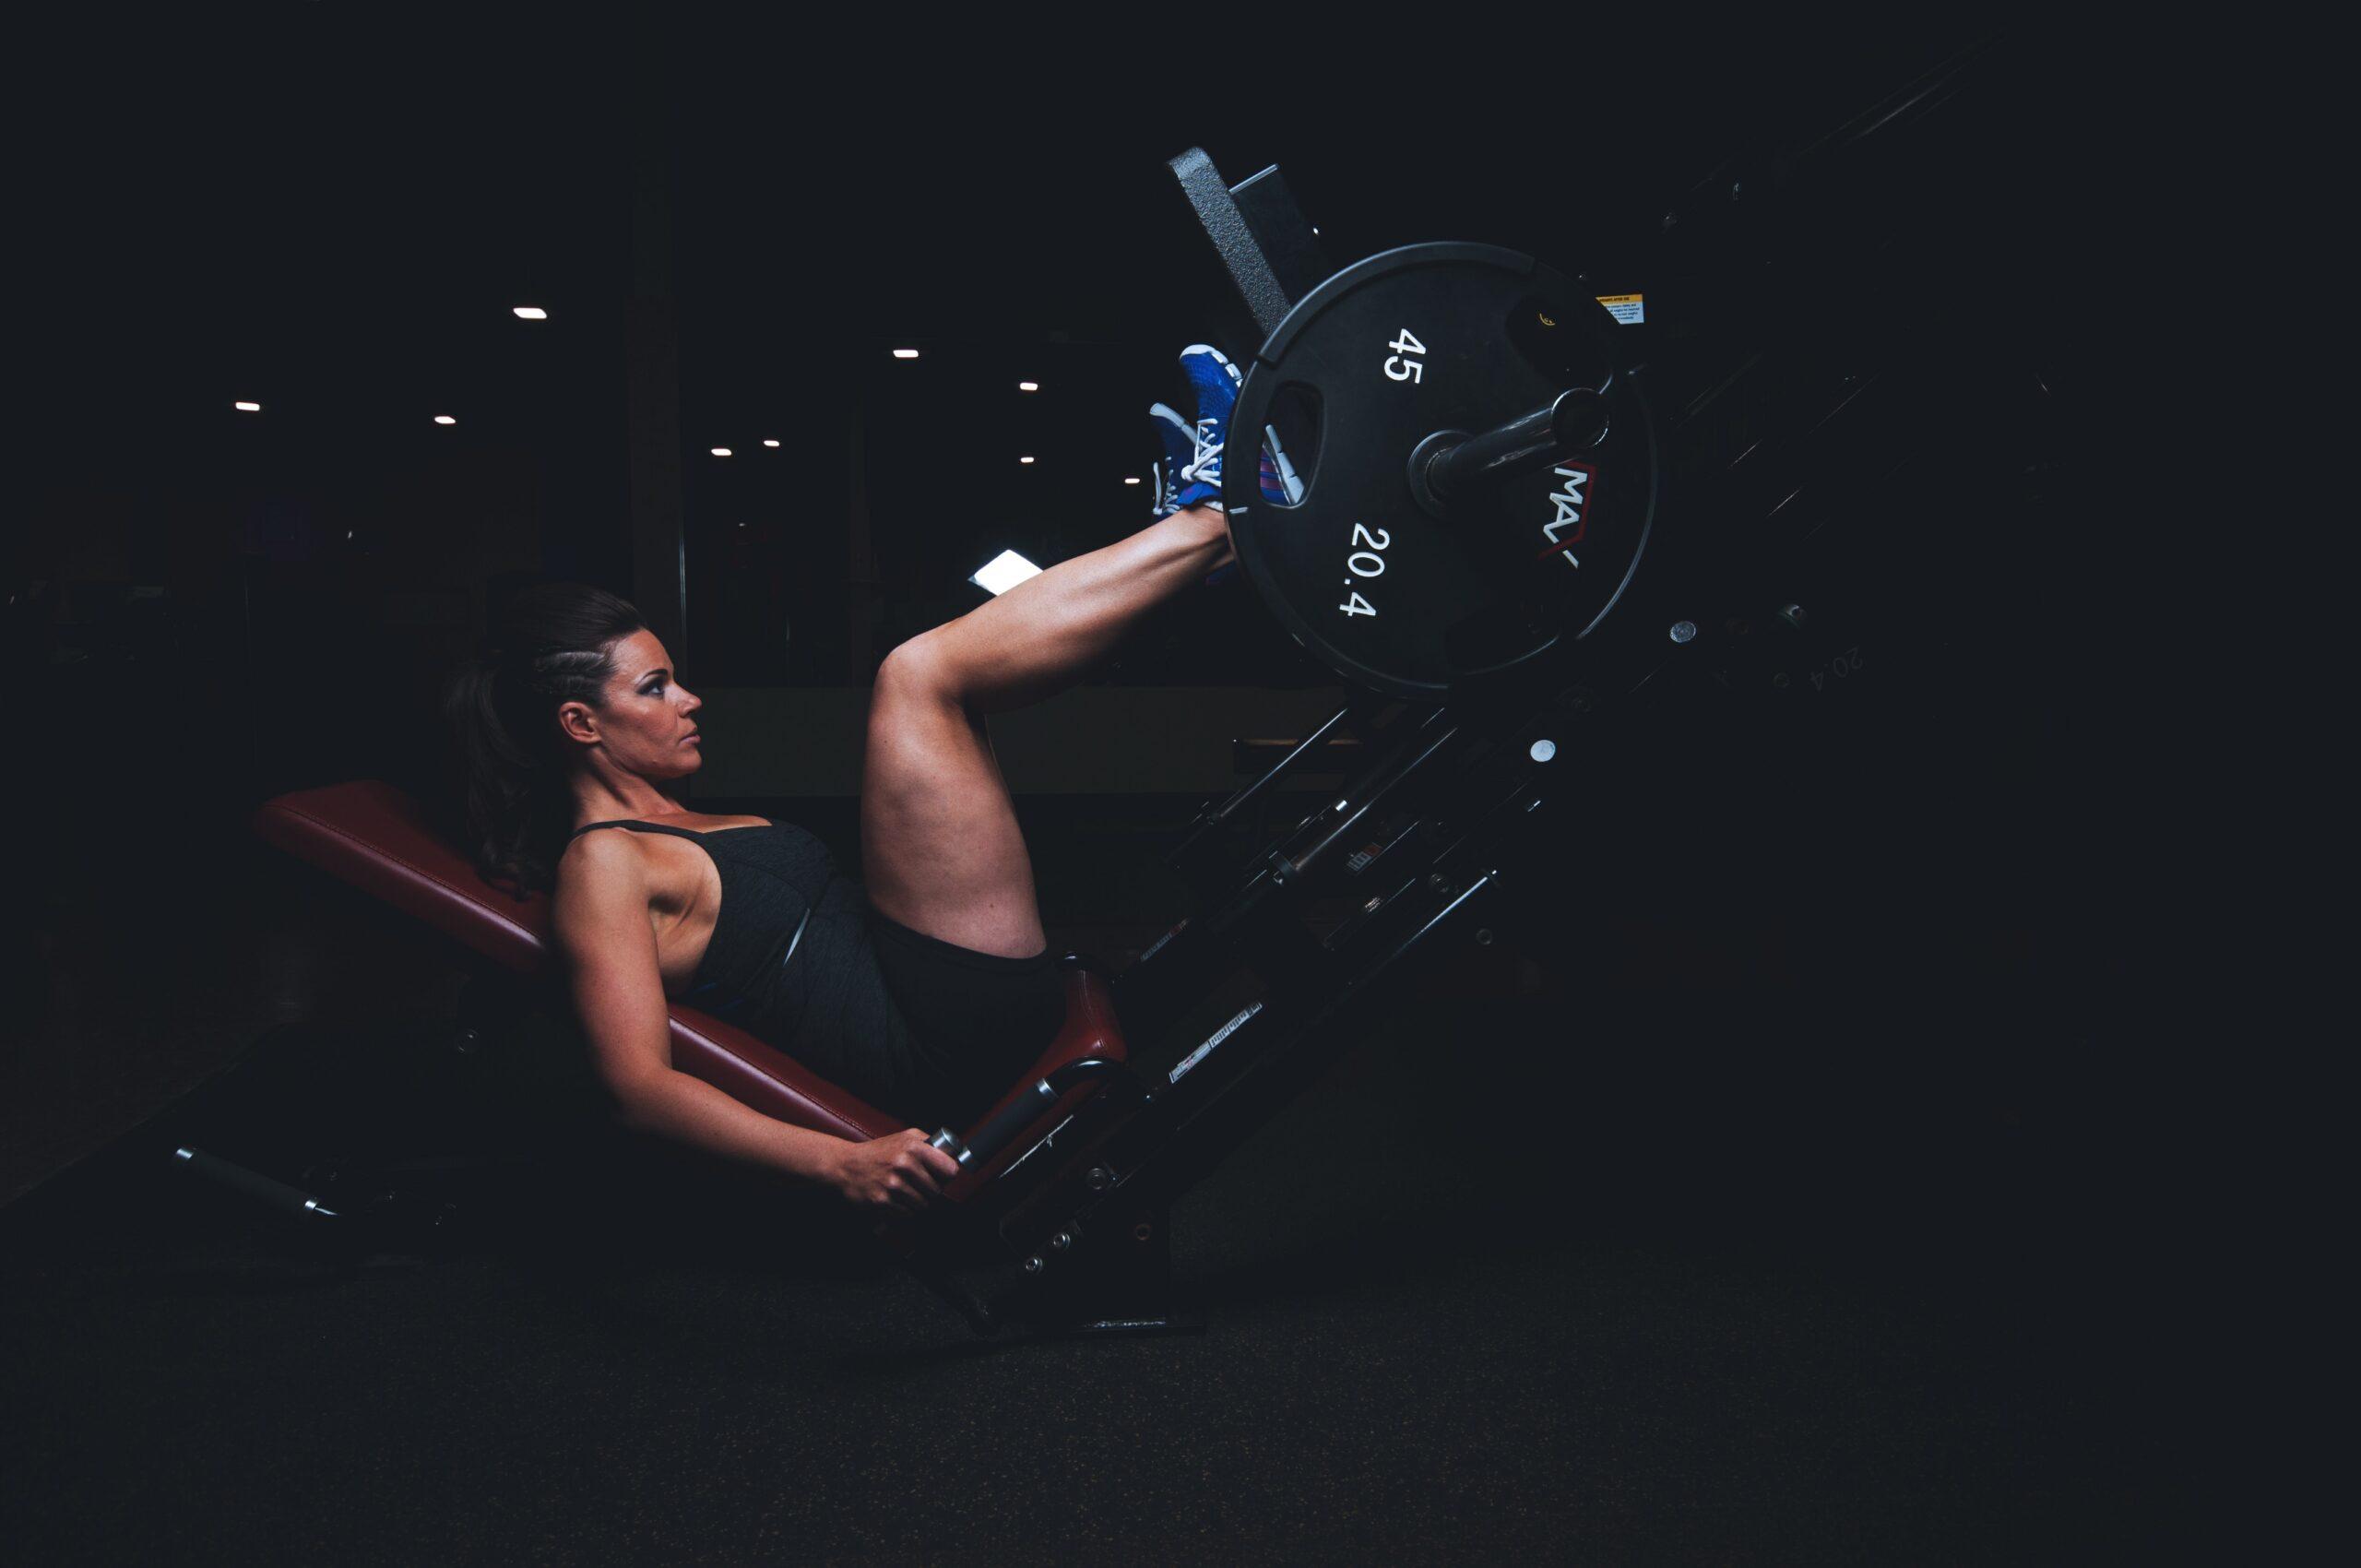 Leg press workout